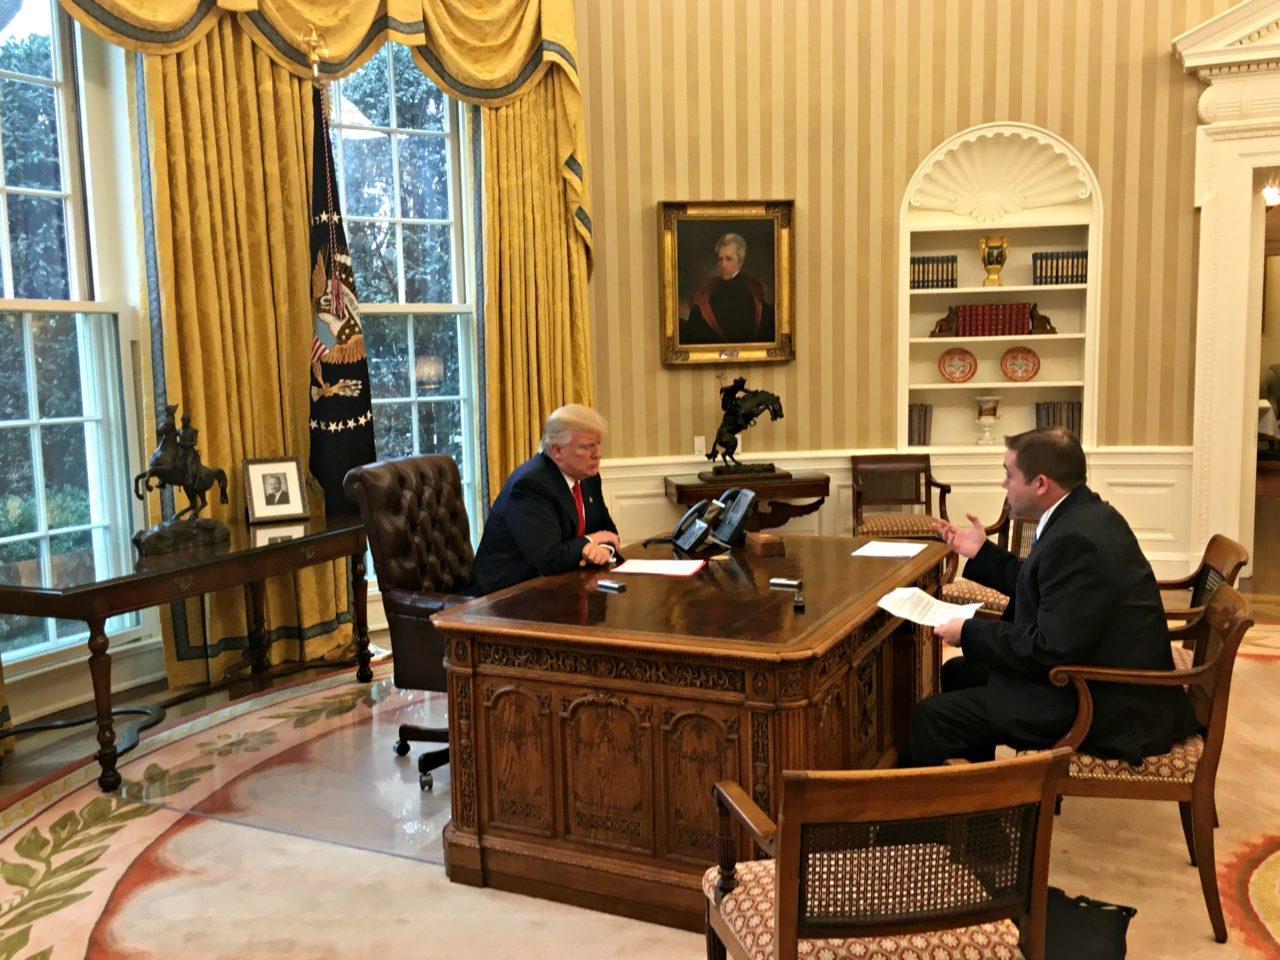 квартир офис дональда трампа фото должен подчеркивать